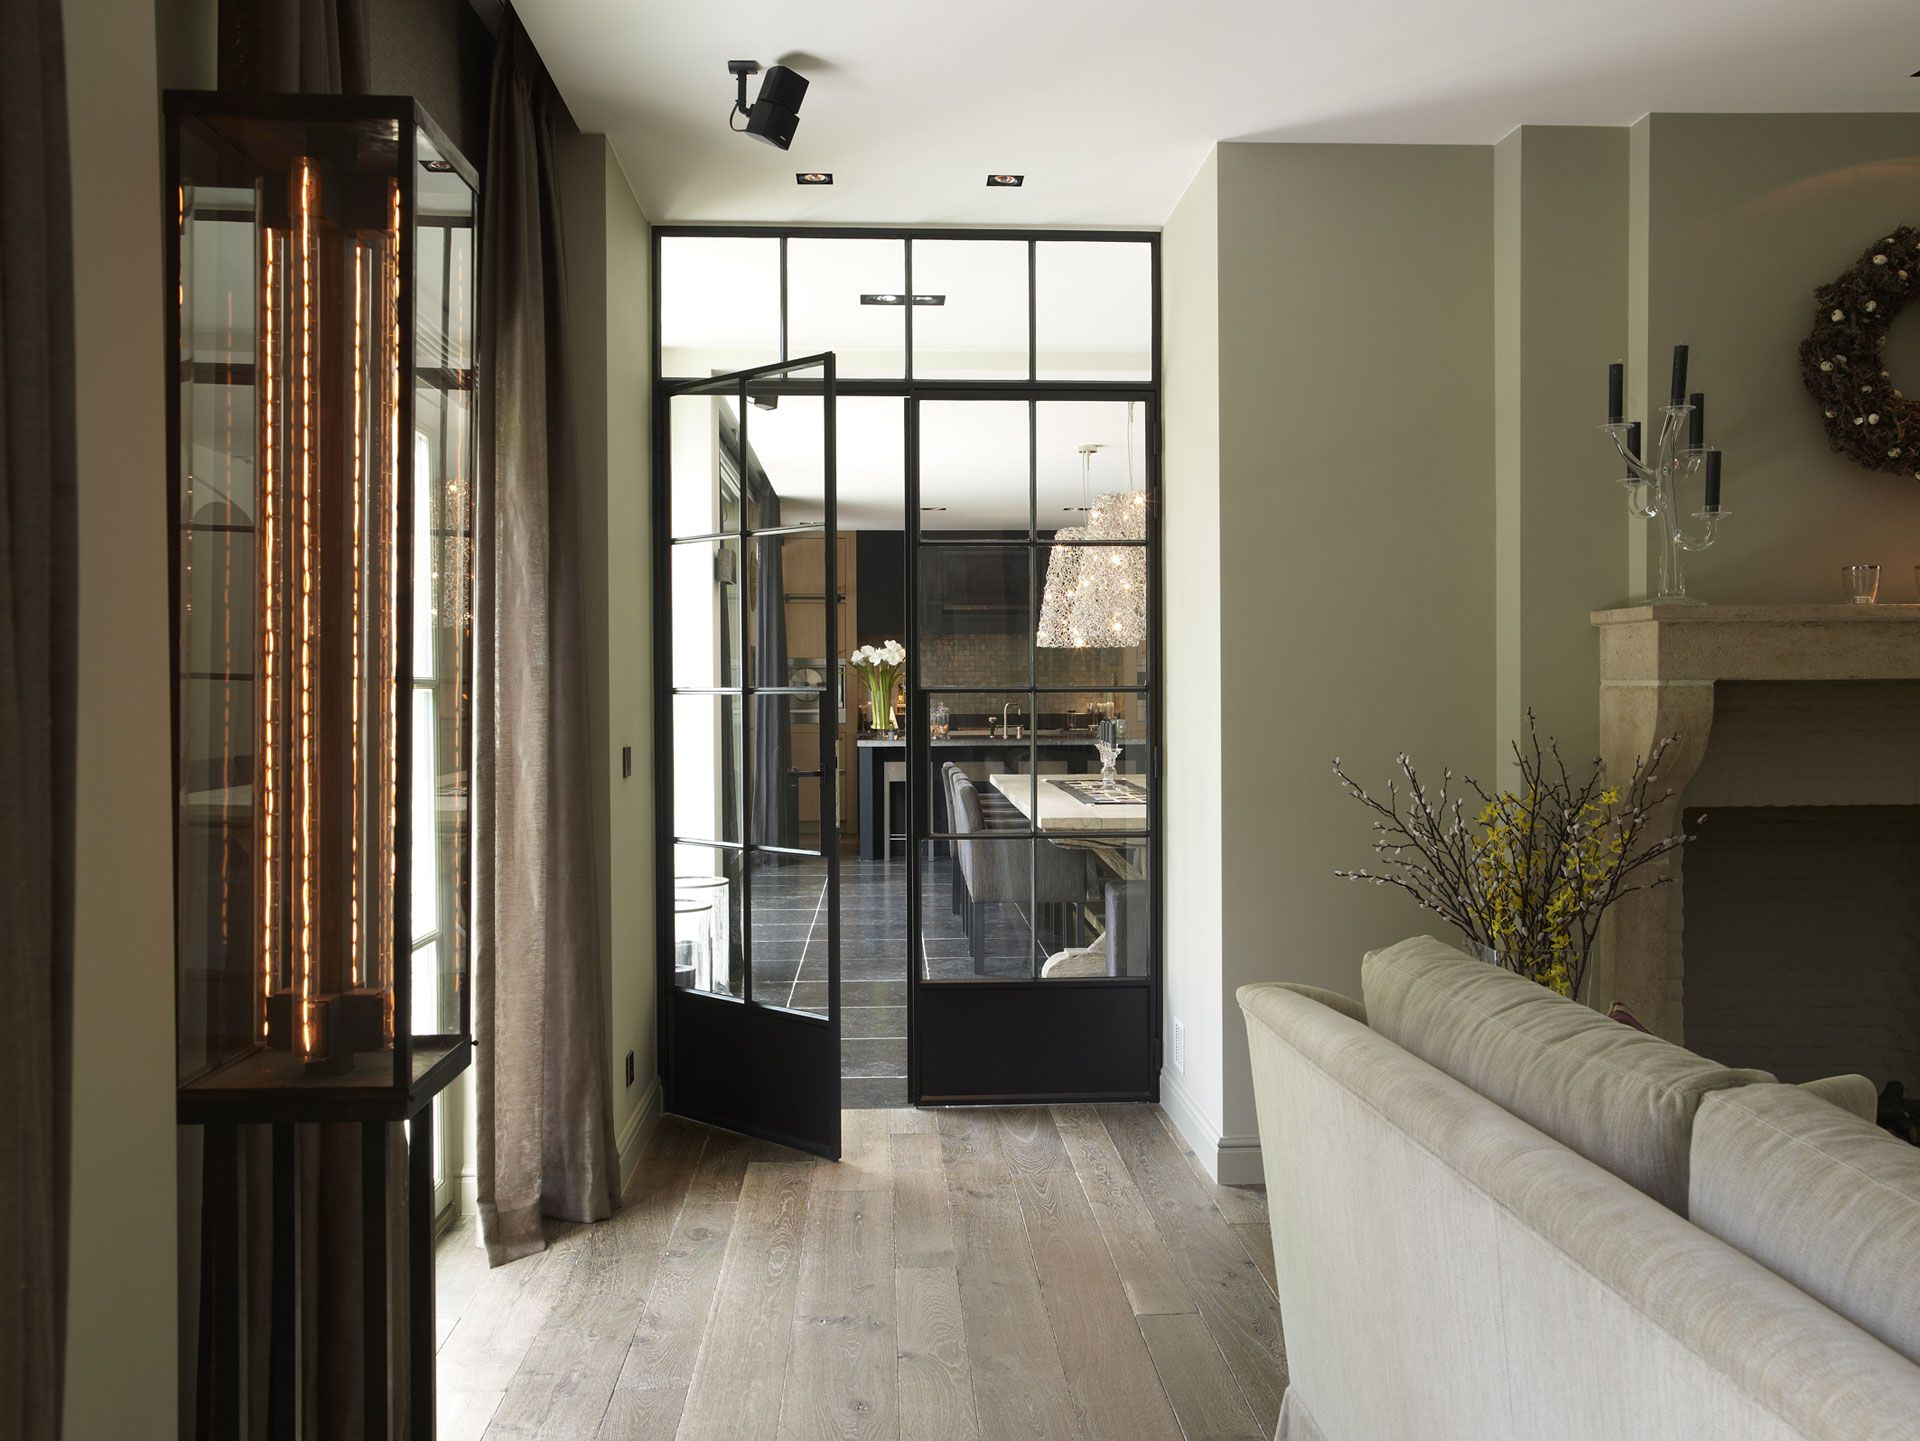 Tussendeur keuken - woonkamer | Home | Pinterest | Doors, Kitchen ...